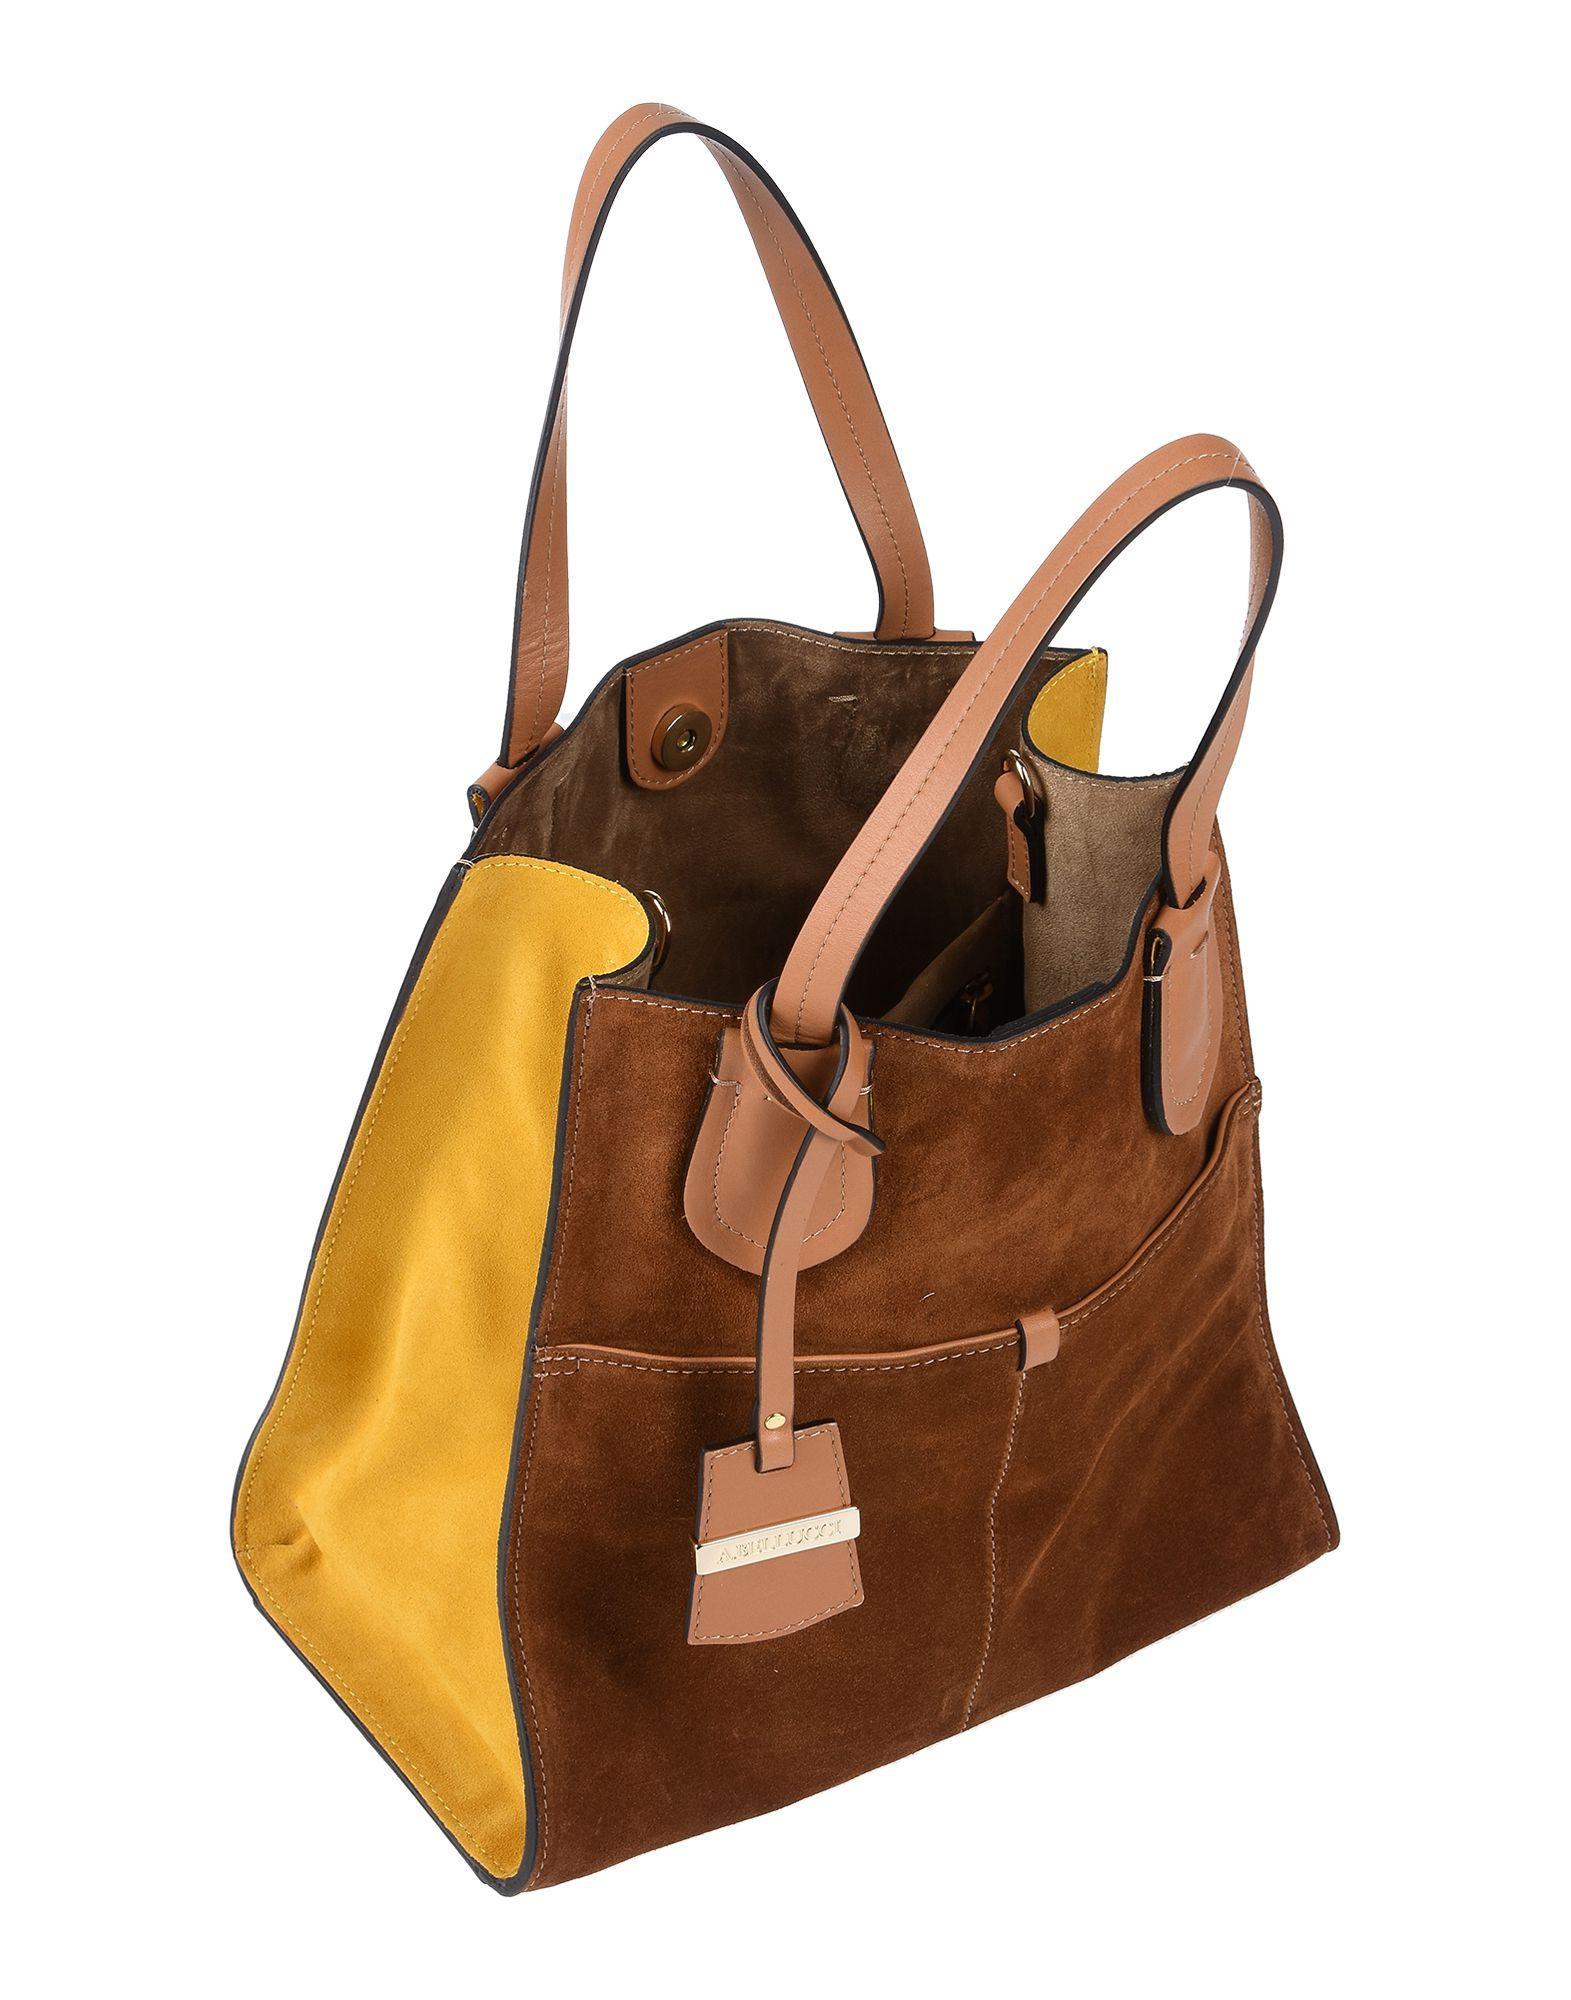 Ab Asia Bellucci Wildleder Handtaschen in Braun nKRLl